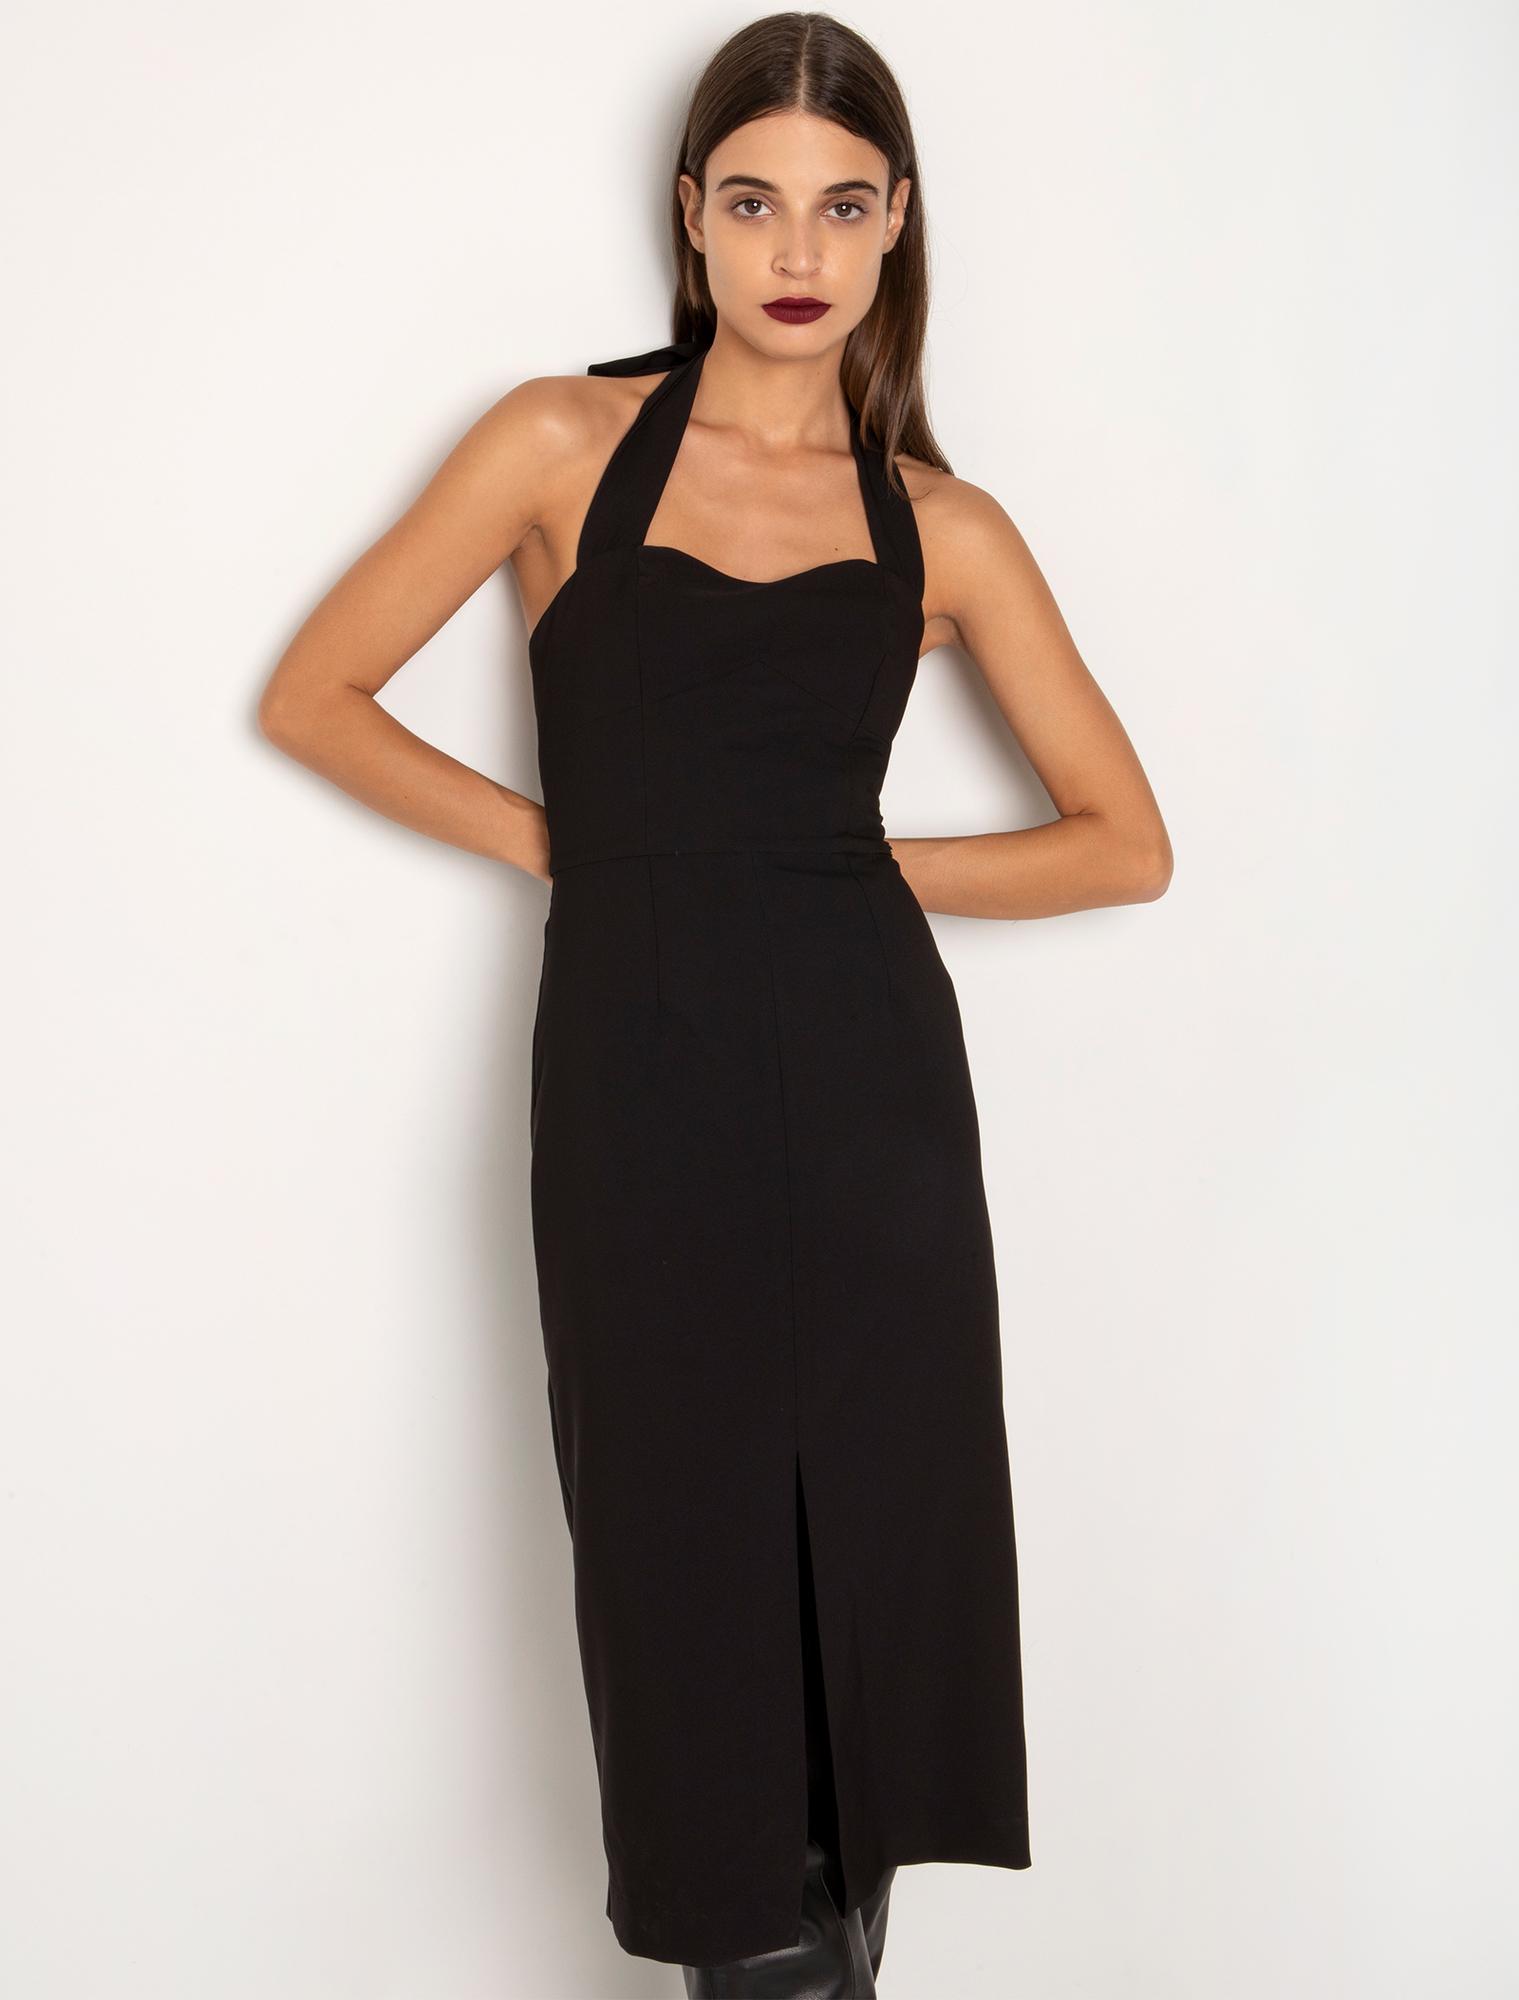 Φόρεμα με κορδέλα πίσω από το λαιμό - ΜΑΥΡΟ